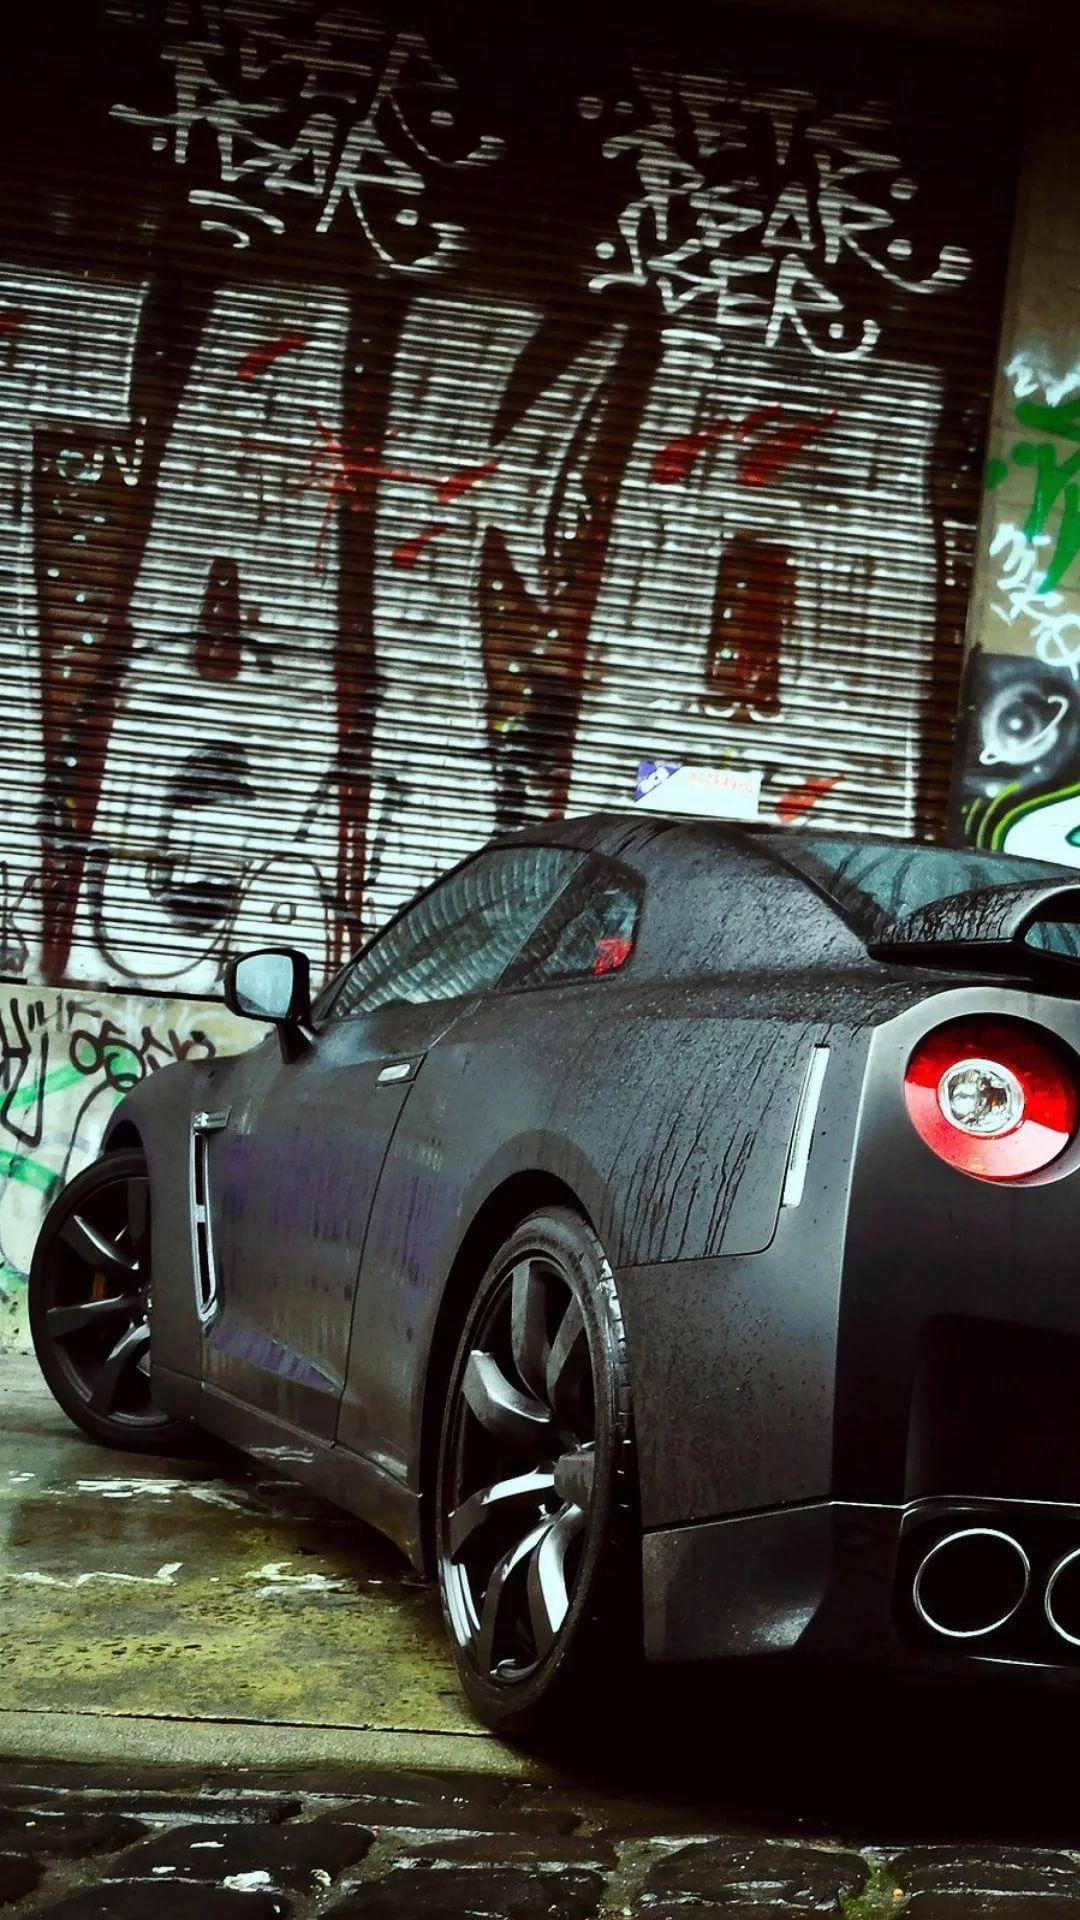 Nissan Gtr iPhone wallpaper